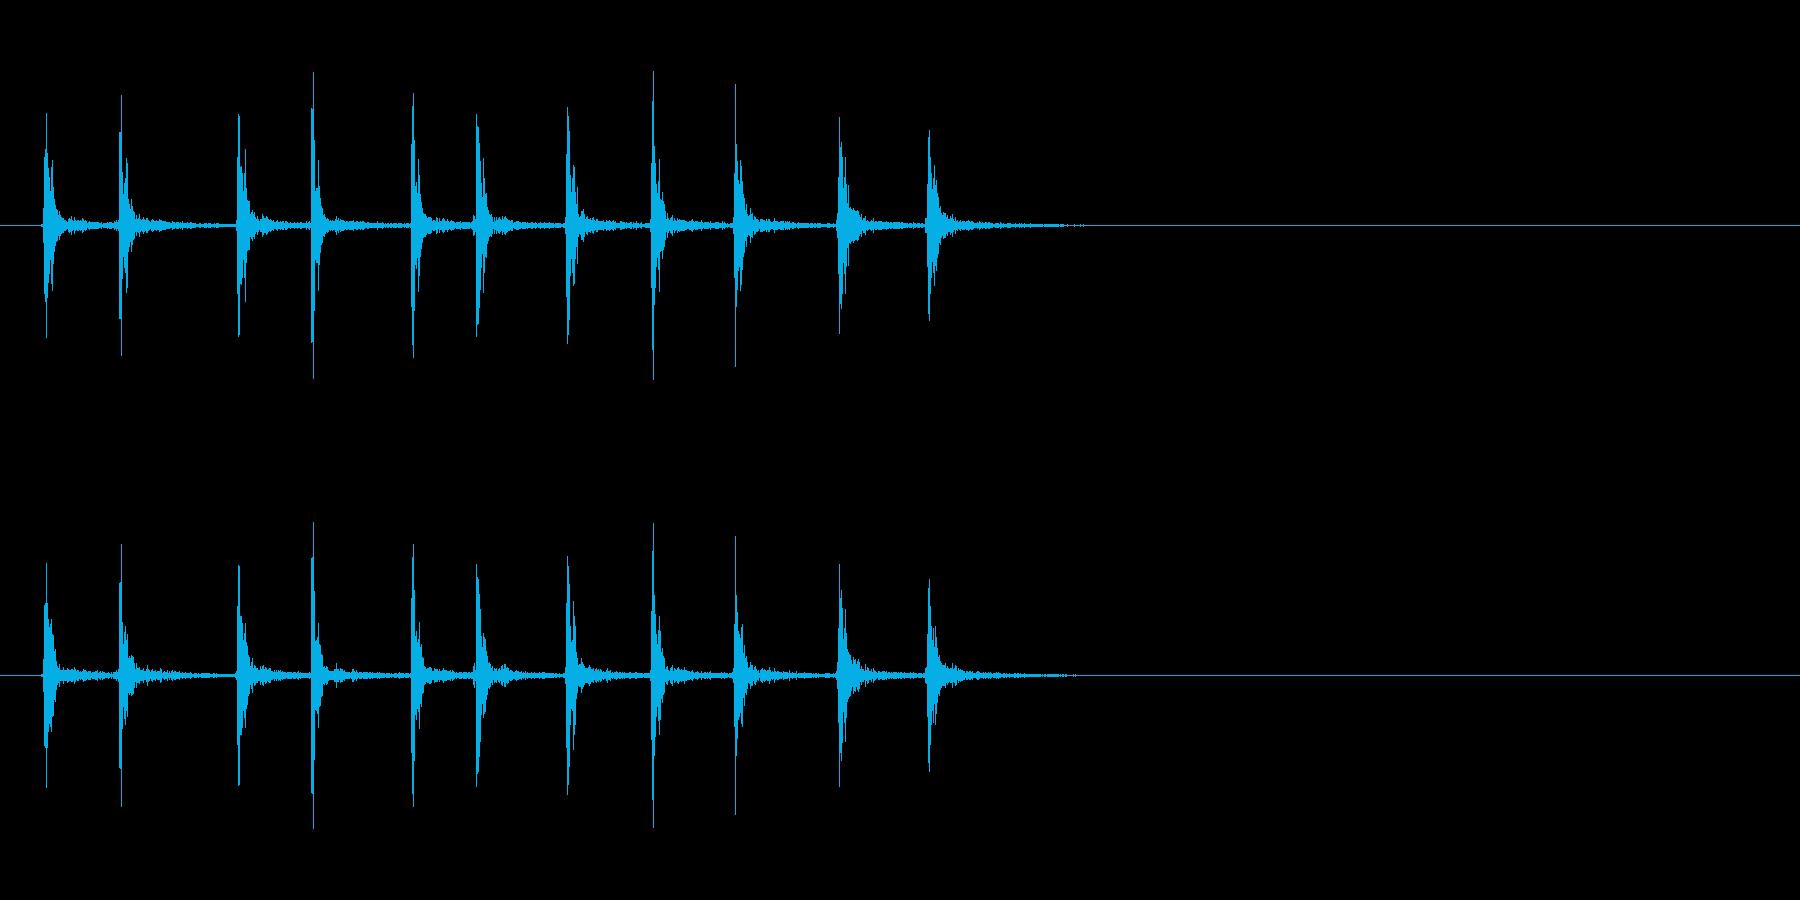 [生録音]カッターの刃を出す音02-遅めの再生済みの波形